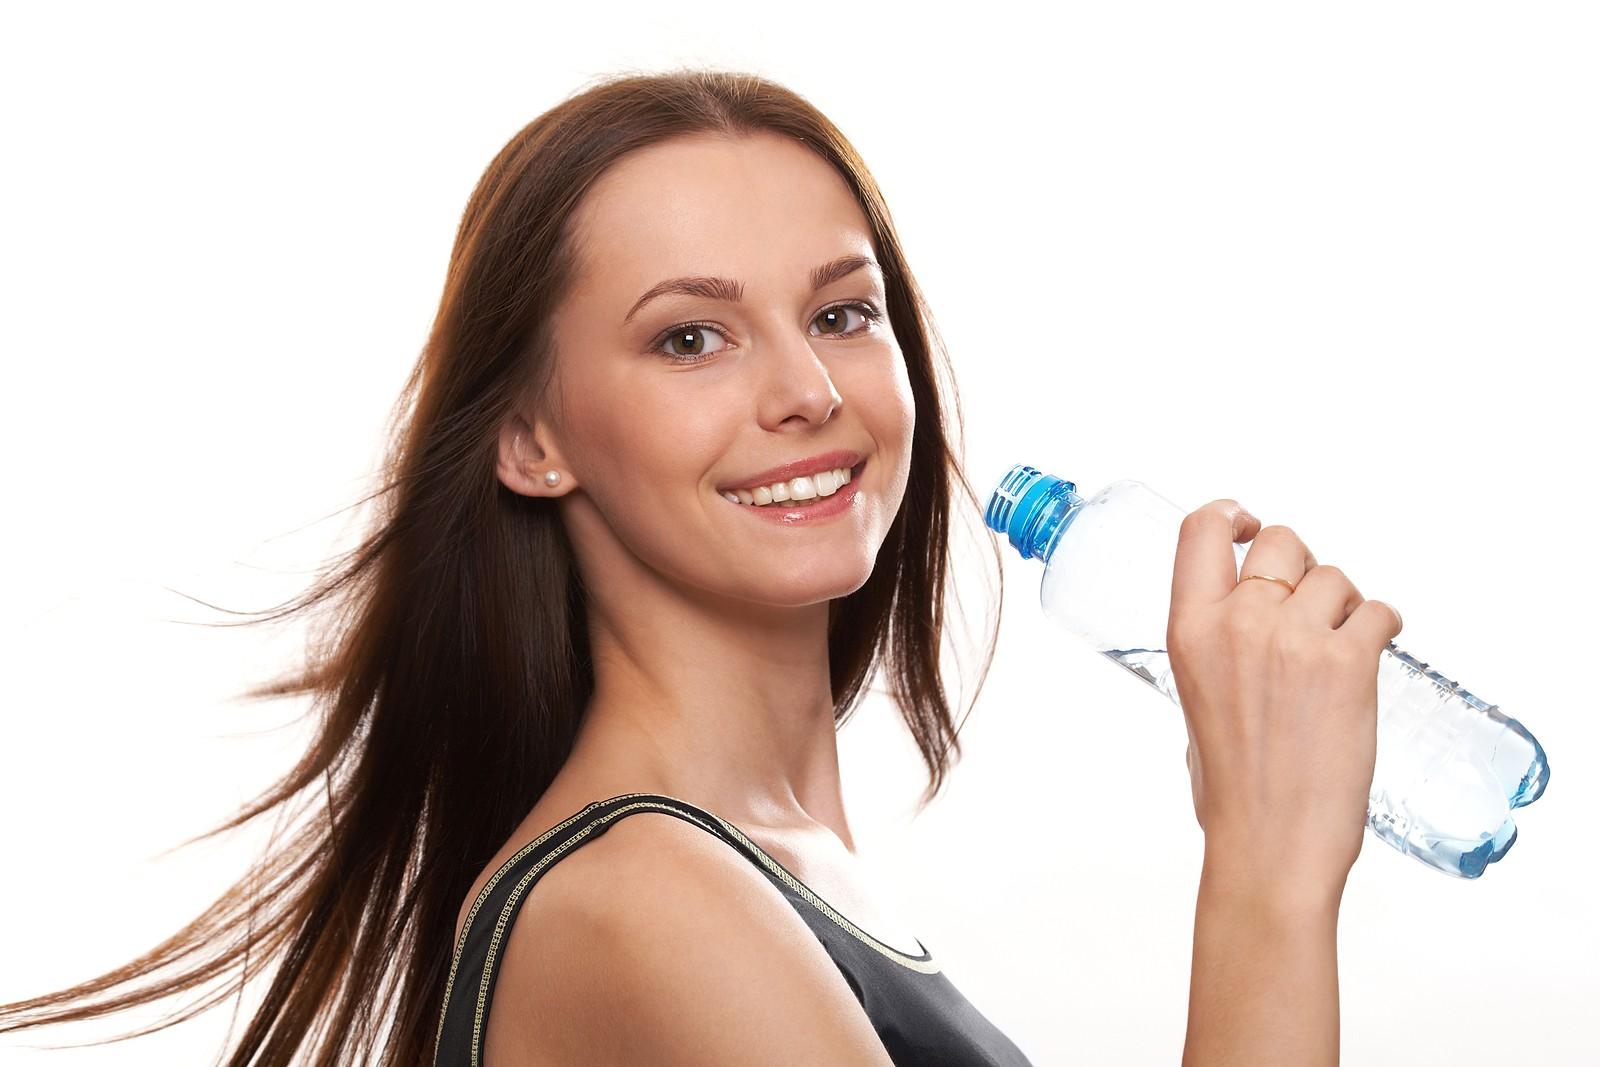 عجایب هفتگانه در مورد تاثیر نوشیدن آب بر سلامتی